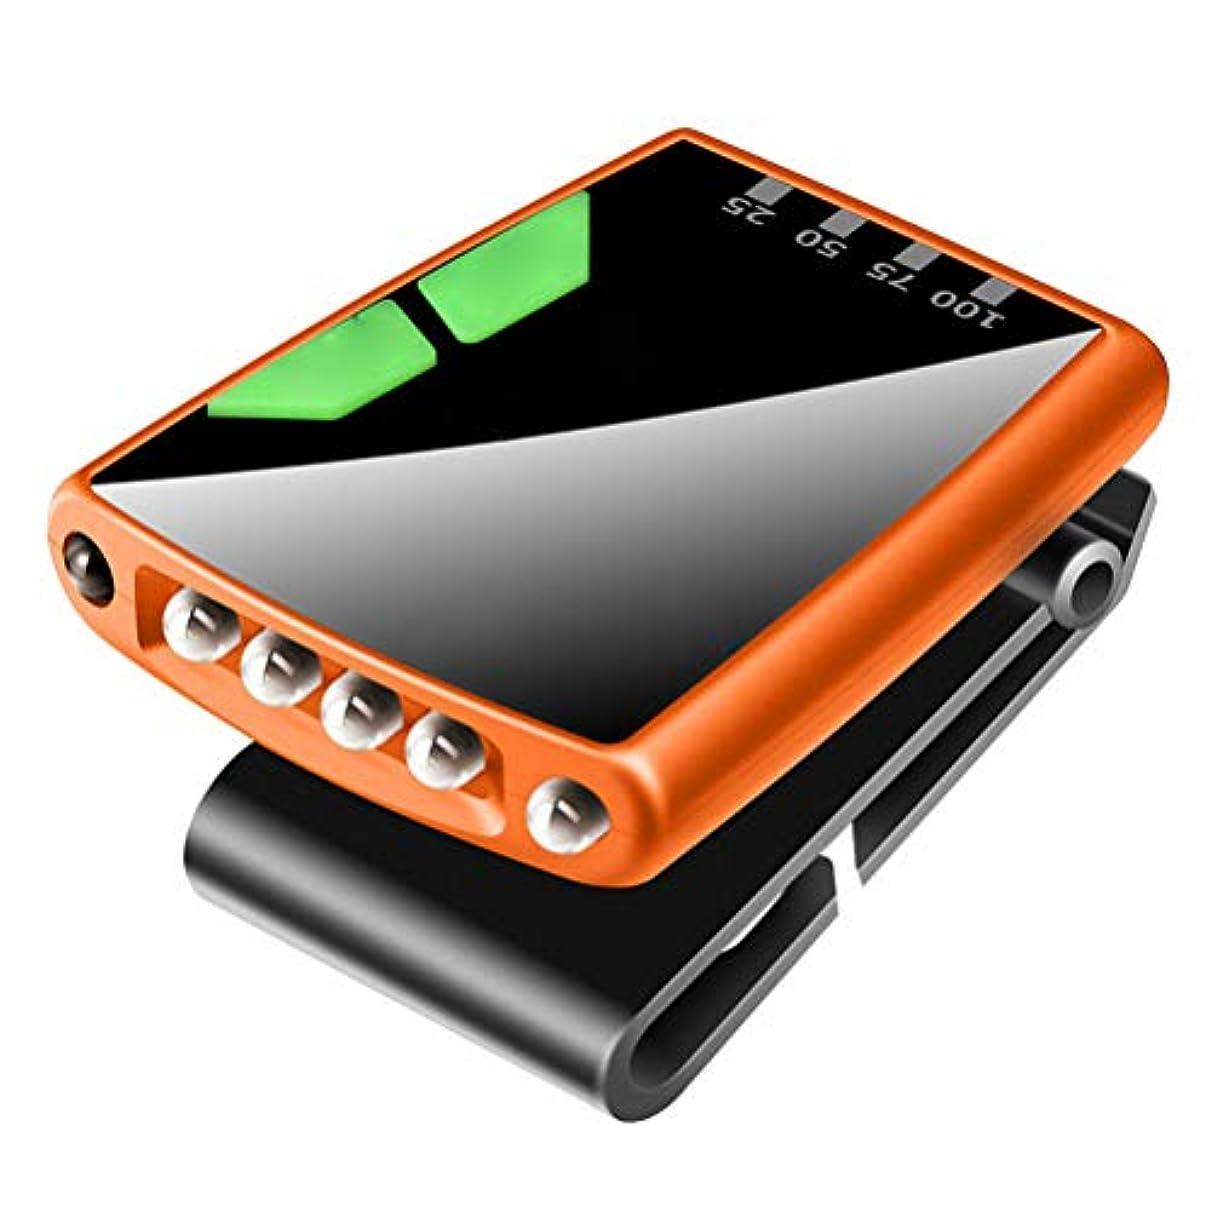 モニター安価な集計LEDMOMO USB充電  LED キャップライト ヘッドライト ヘルメットライト 釣り 登山 アウトドア用 キャンプ用品(オレンジ)